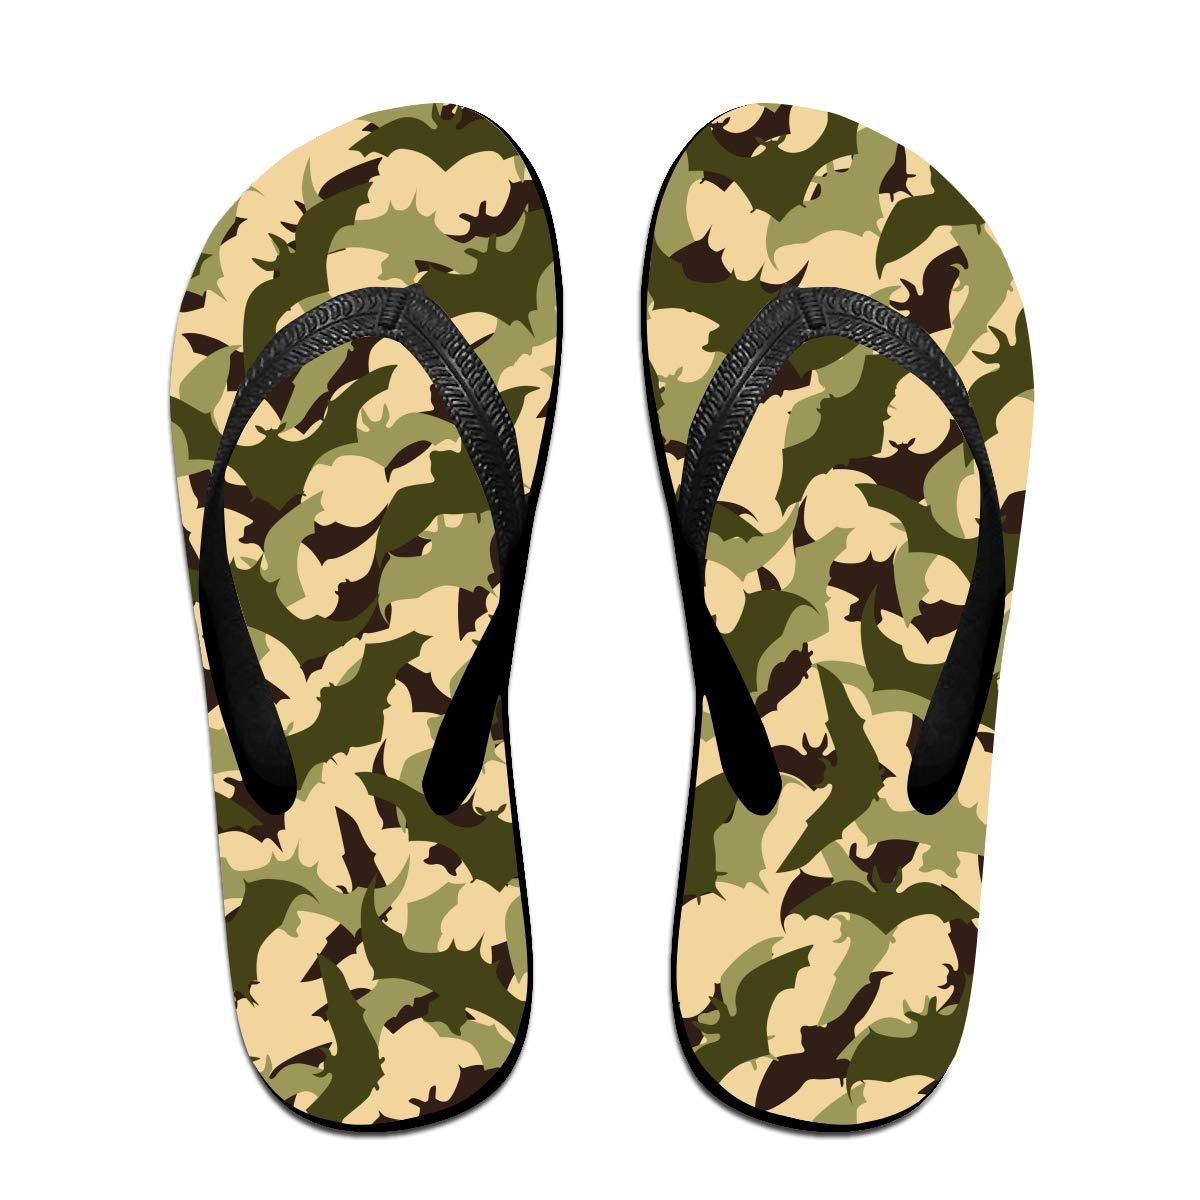 GQOP Unisex Flip Flops Camo Bat Personalized Thong Sandals Beach Sandals